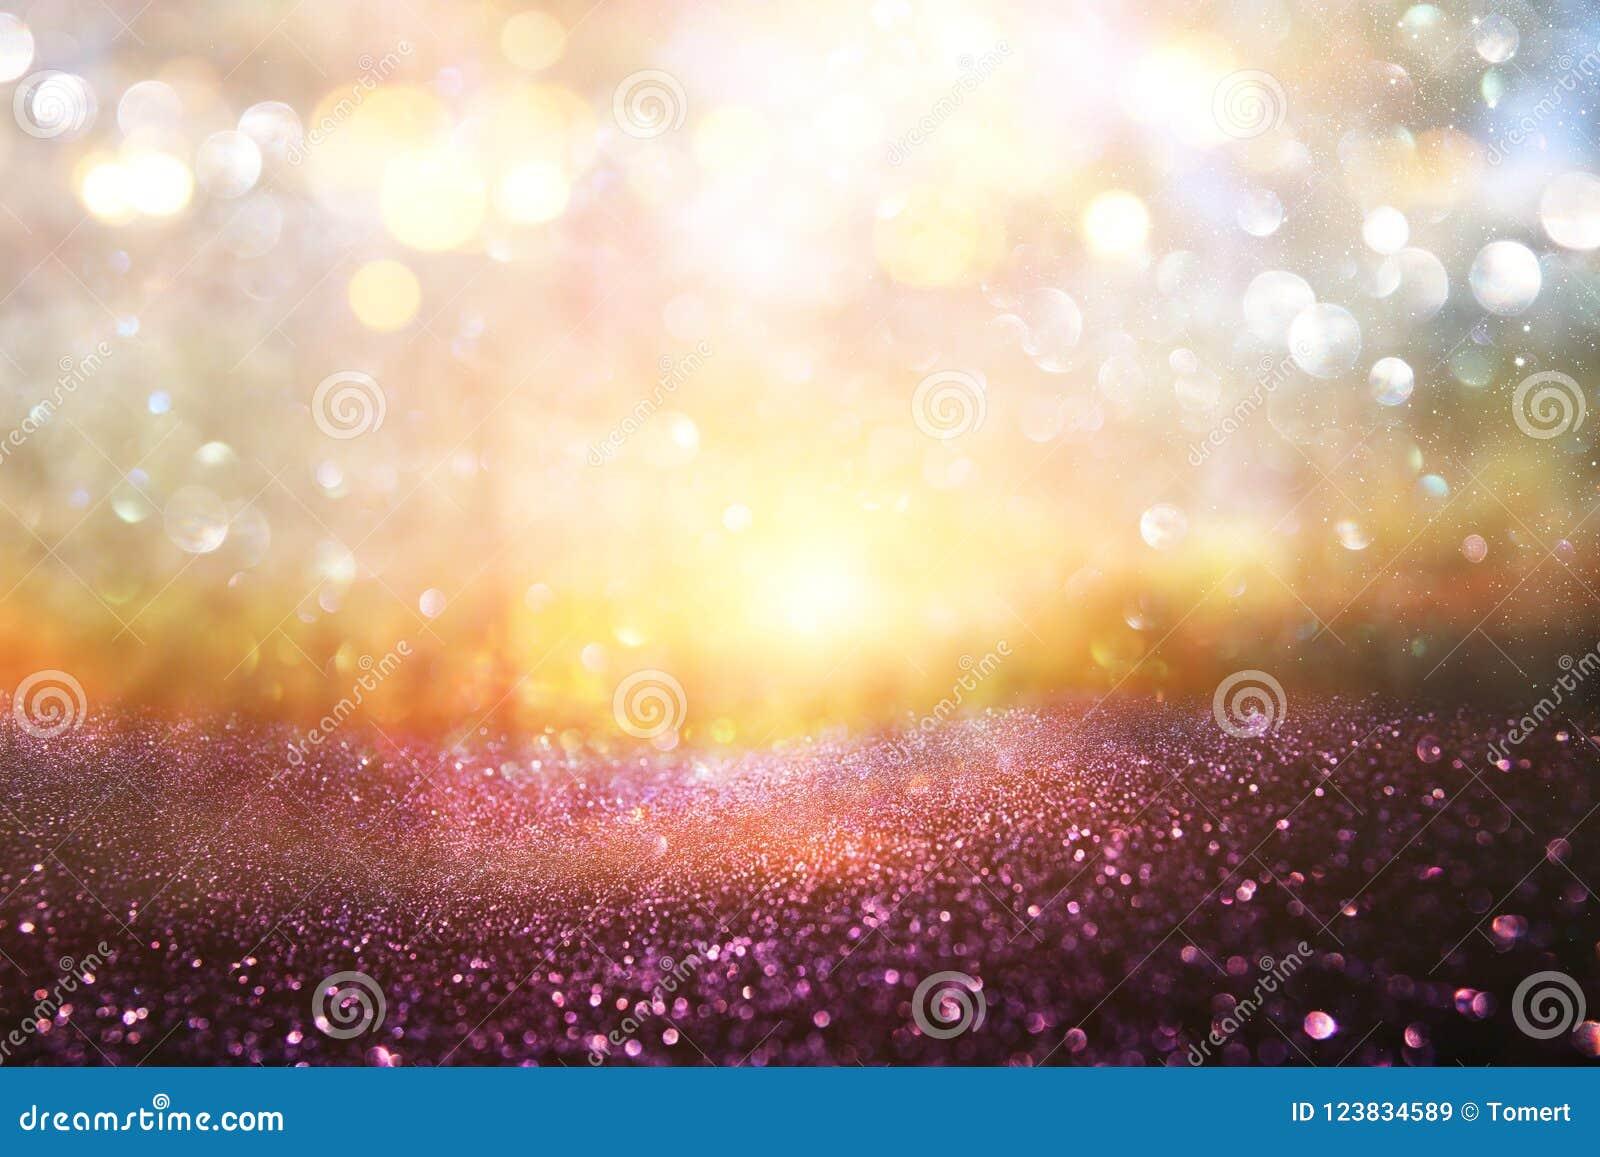 Foto abstrata borrada da explosão da luz entre árvores e luzes douradas do bokeh do brilho